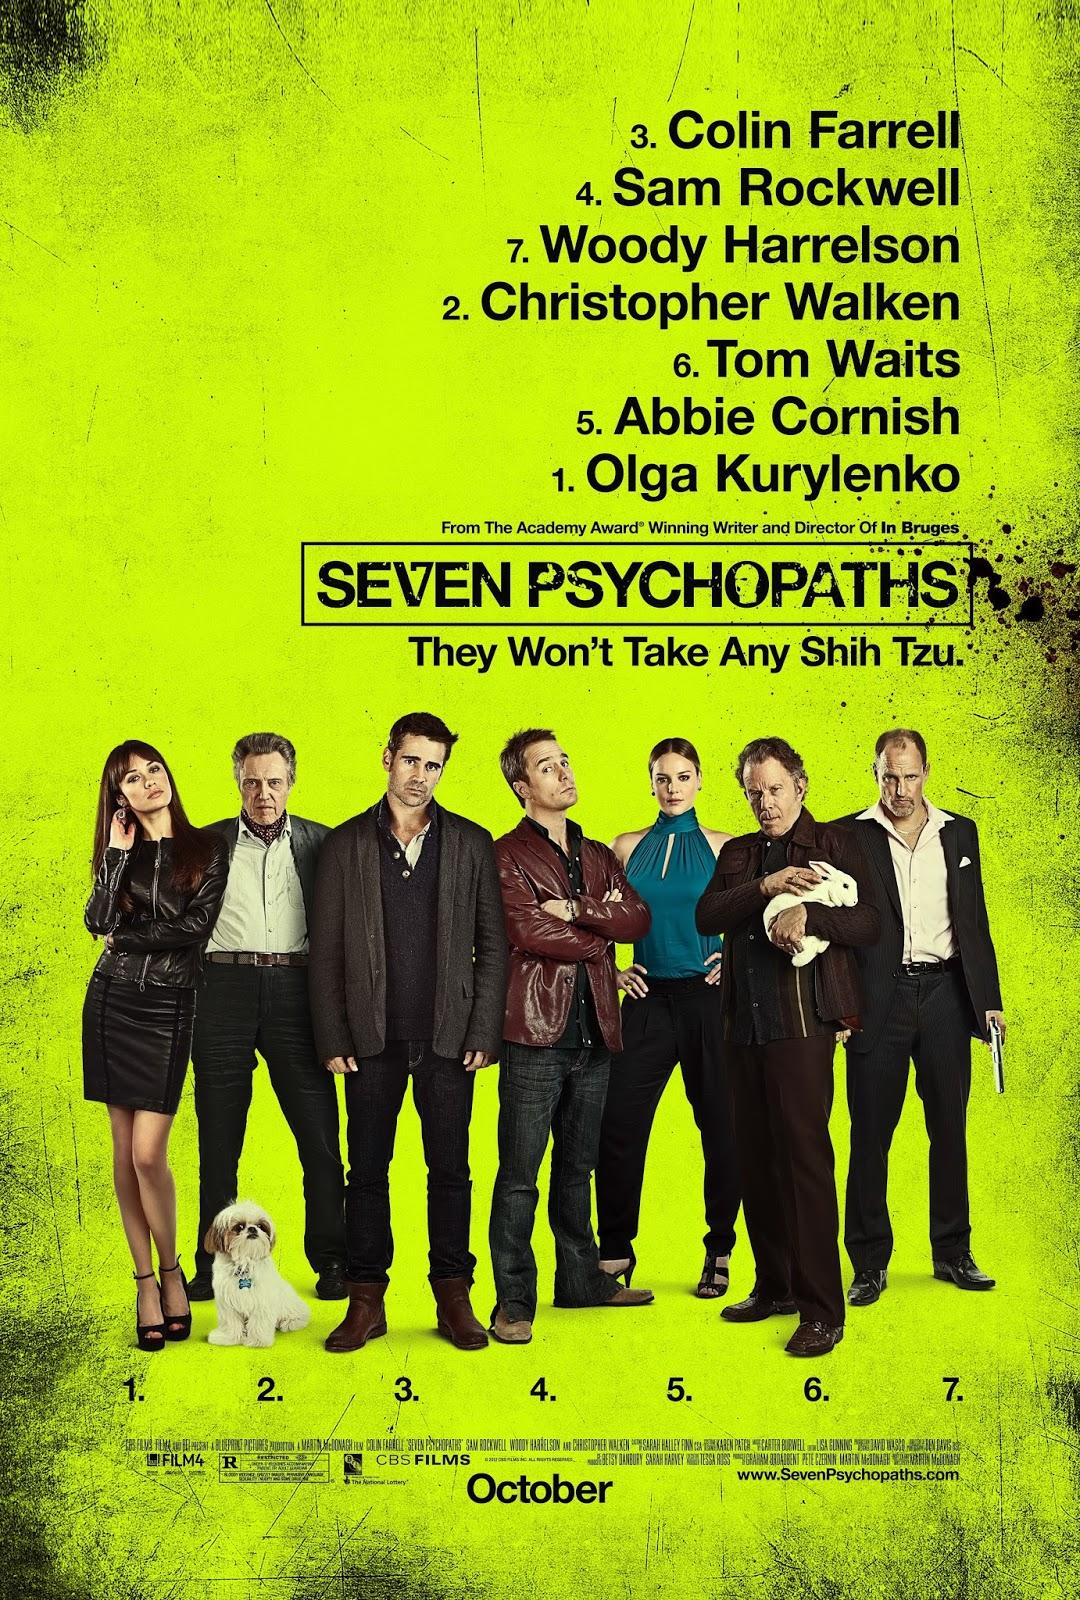 Las pelculas que yo veo una pgina de cine siete psicpatas cartel malvernweather Image collections